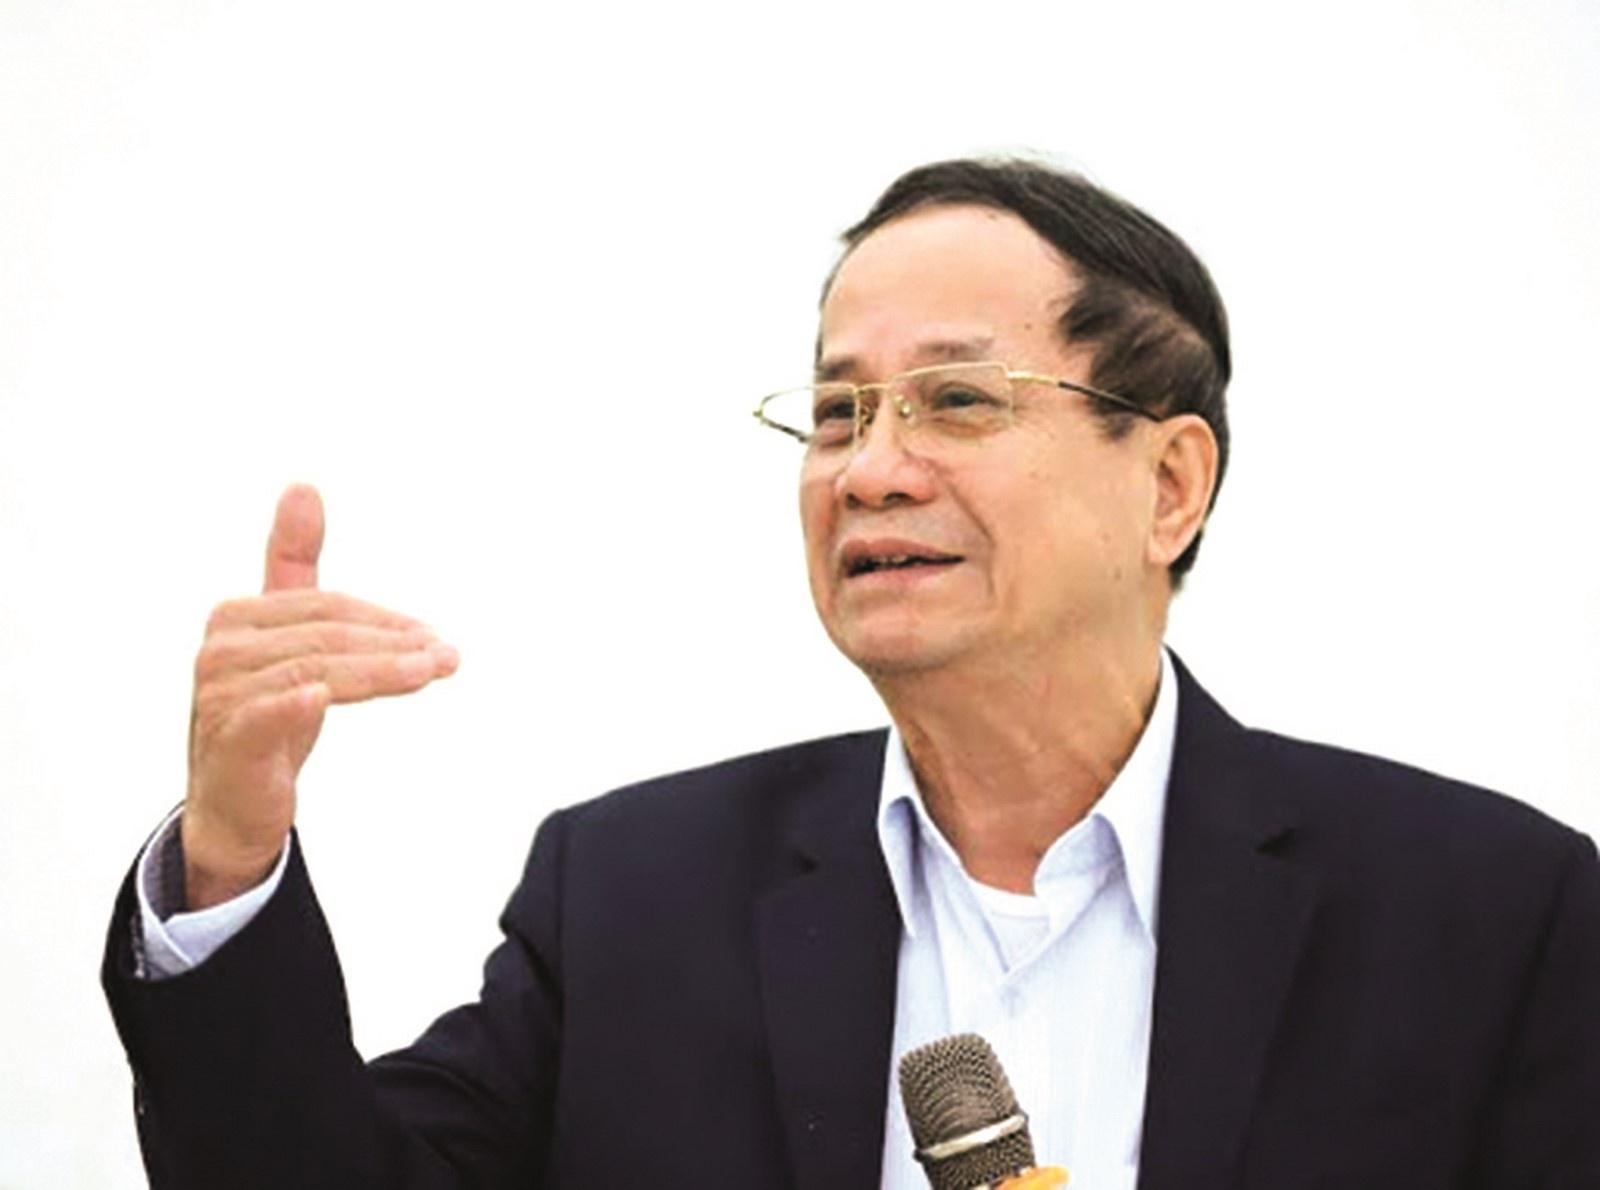 Hệ thống ngân hàng Việt Nam: Thành công và kỳ vọng 3